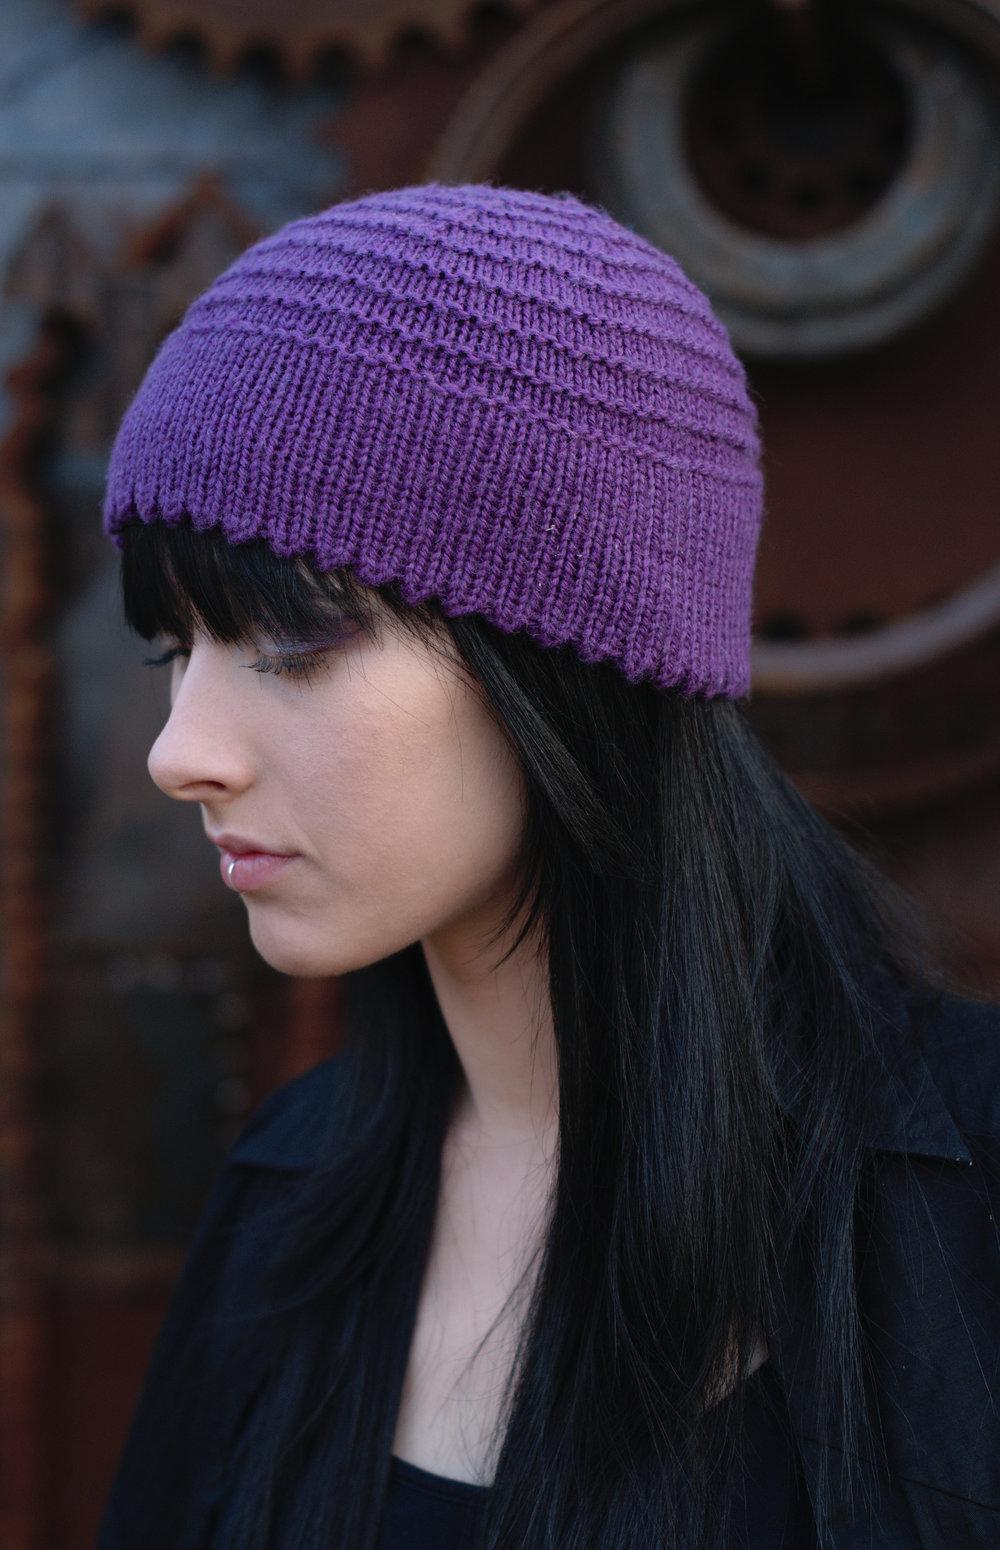 Ridgeway beret and beanie hand knitting pattern